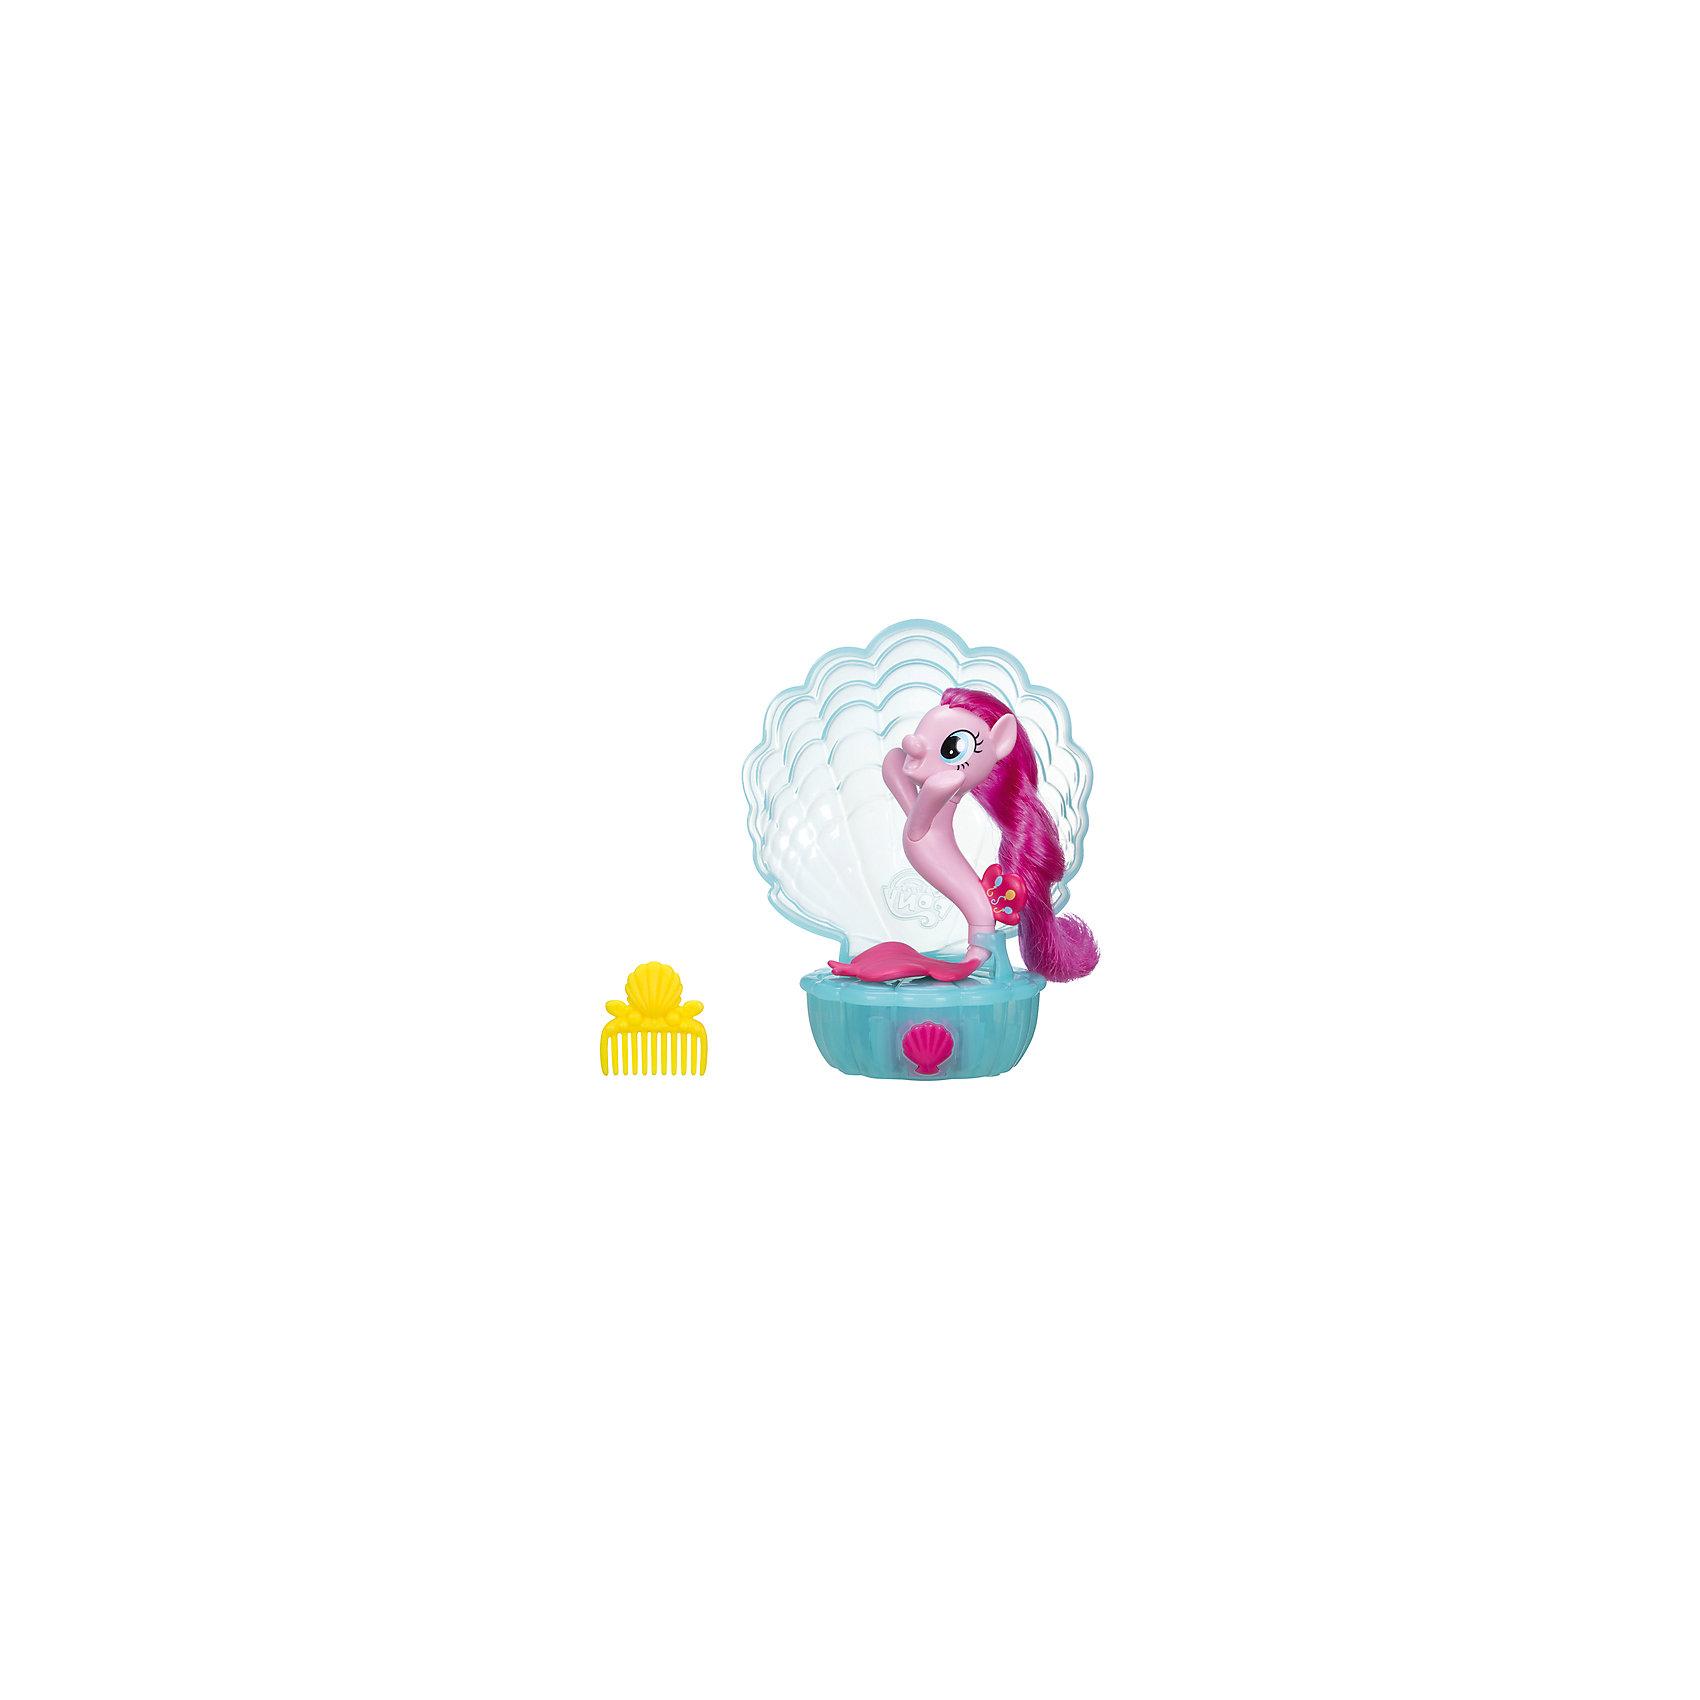 Мини-игровой набор Hasbro My Little Pony Мерцание, Пинки ПайЛюбимые герои<br><br><br>Ширина мм: 9999<br>Глубина мм: 9999<br>Высота мм: 9999<br>Вес г: 9999<br>Возраст от месяцев: 36<br>Возраст до месяцев: 120<br>Пол: Женский<br>Возраст: Детский<br>SKU: 7097990